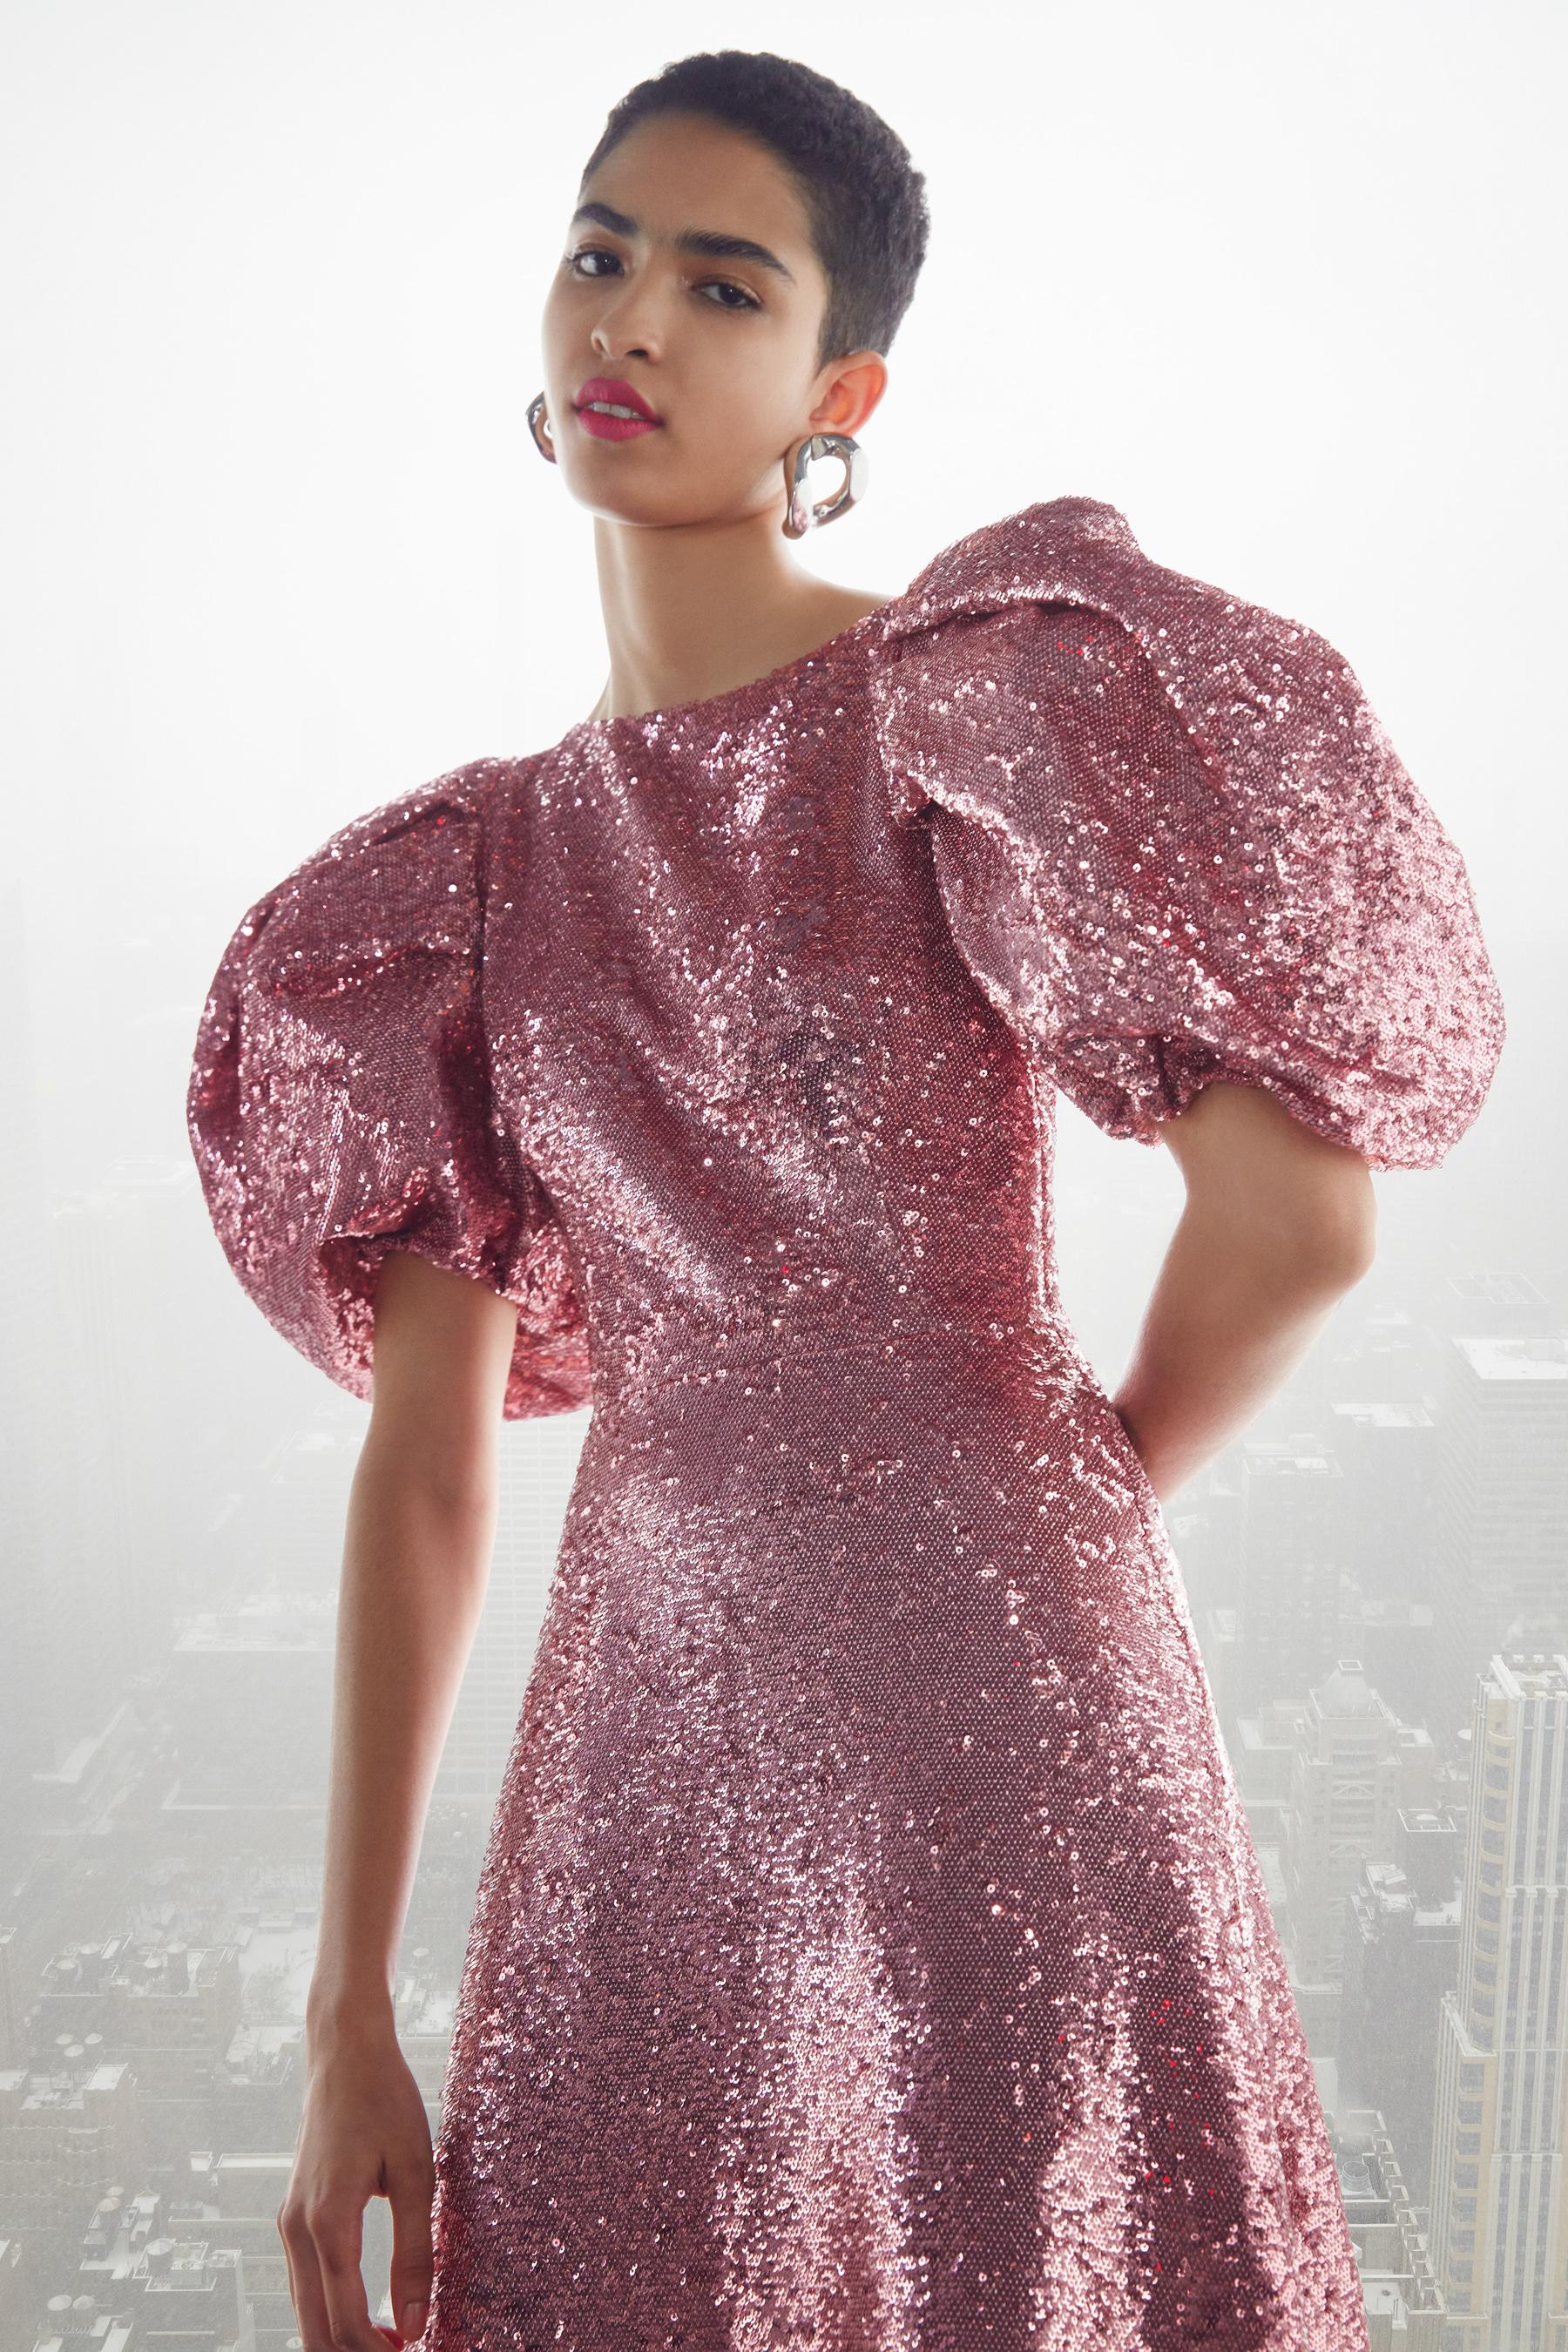 Carolina Herrera Fall 2021 Fashion Show